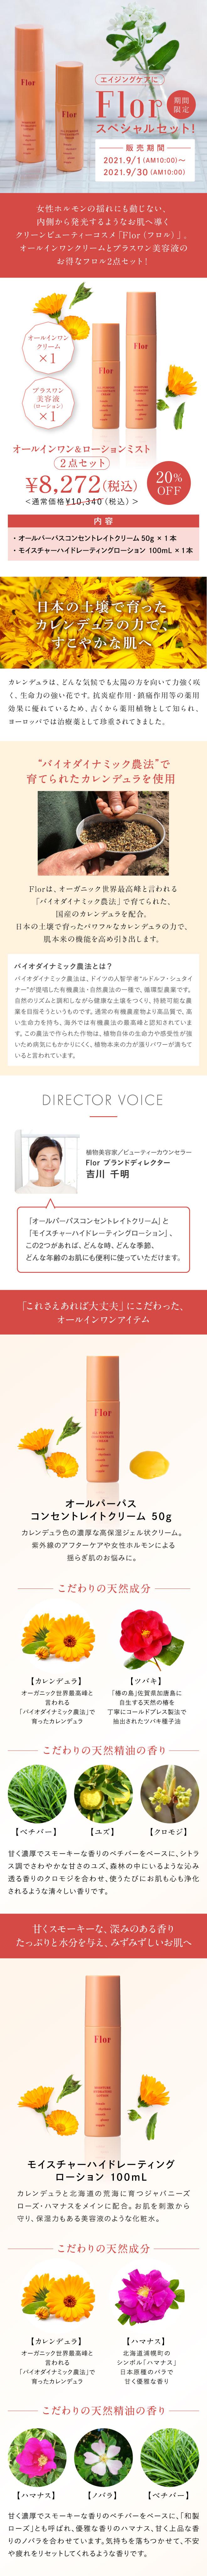 【期間限定・20%OFF】Flor(フロル) オールインワン&ローションミスト 2点セット